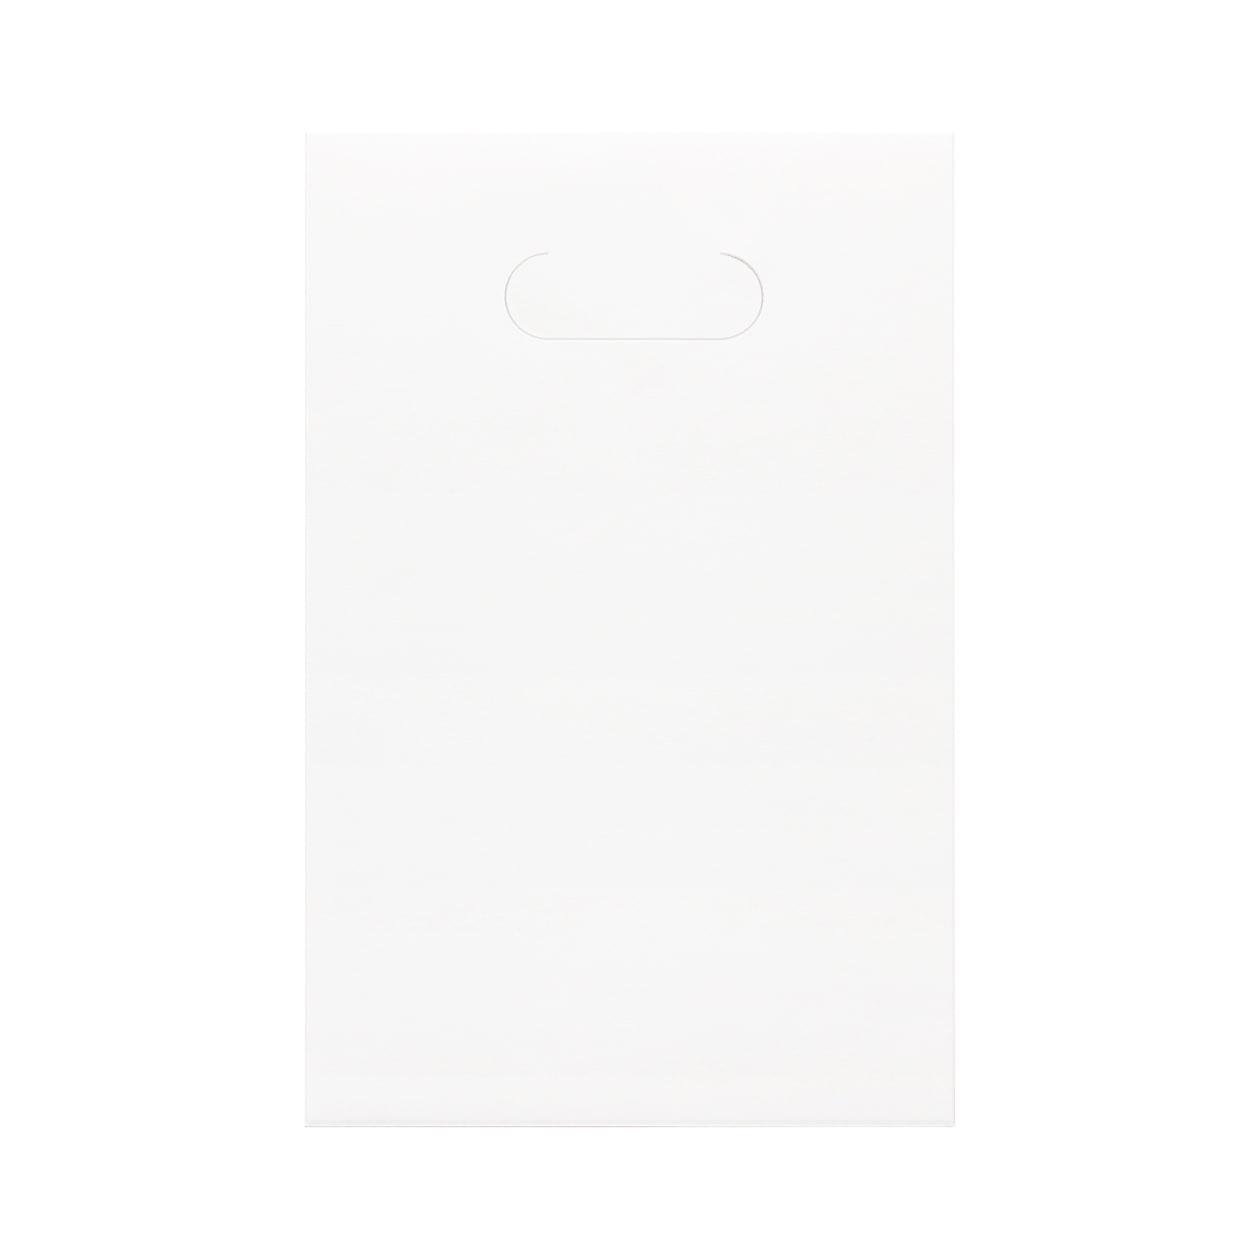 平袋A5用持ち手付 HAGURUMA Basic プレインホワイト 100g